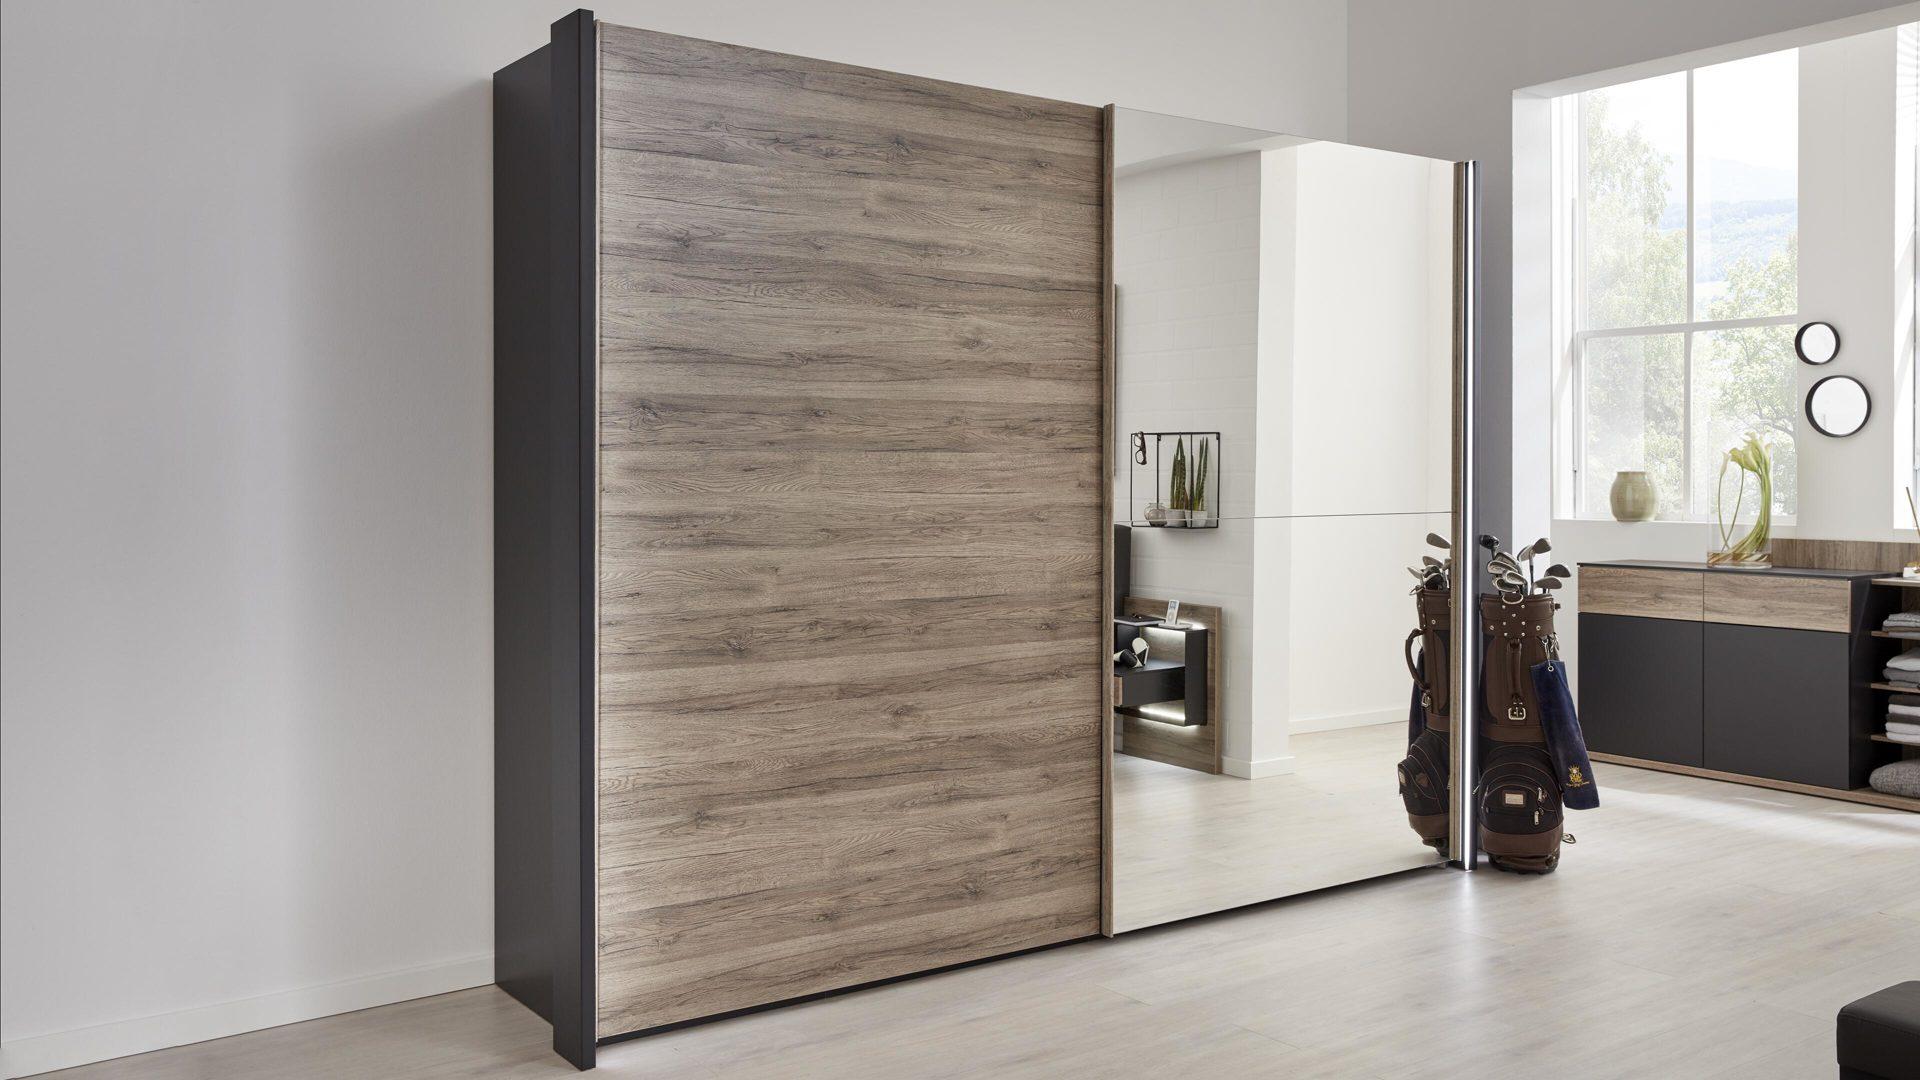 Interliving Schlafzimmer Serie 12 – Schwebetürenschrank, dunkle Sanremo  eichefarbene & mattschwarze Kunststoffoberflächen